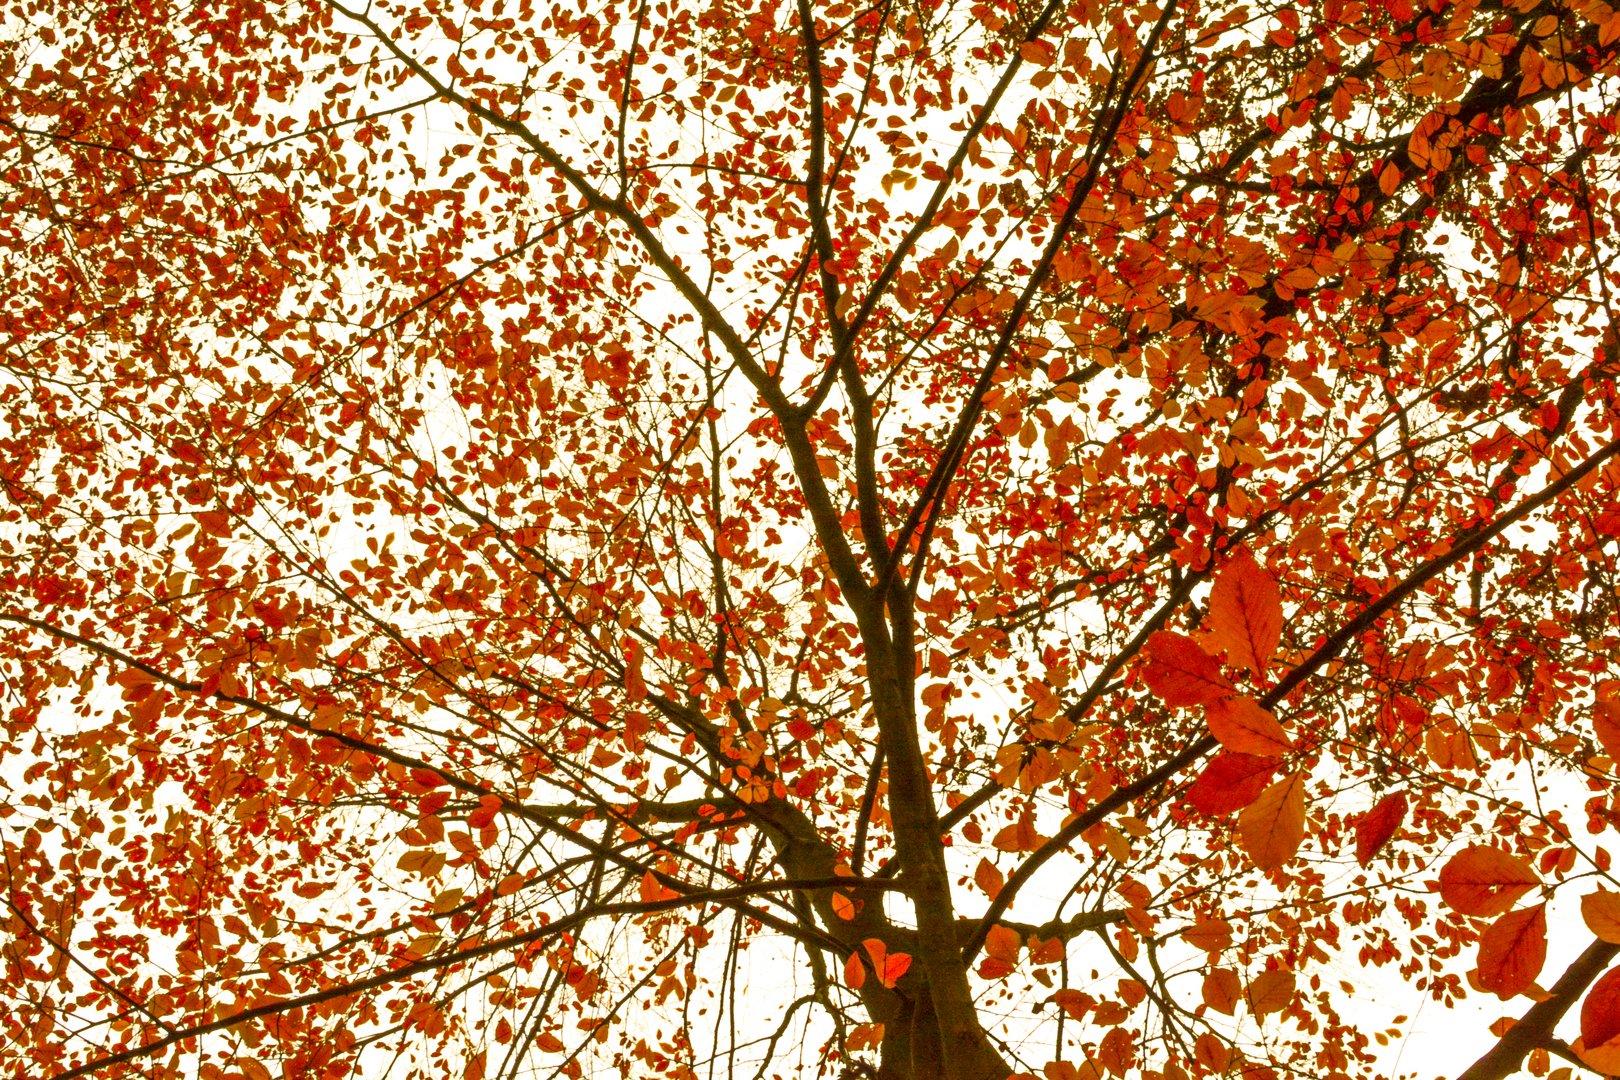 Spaziergang durch den barocken Herbstwald